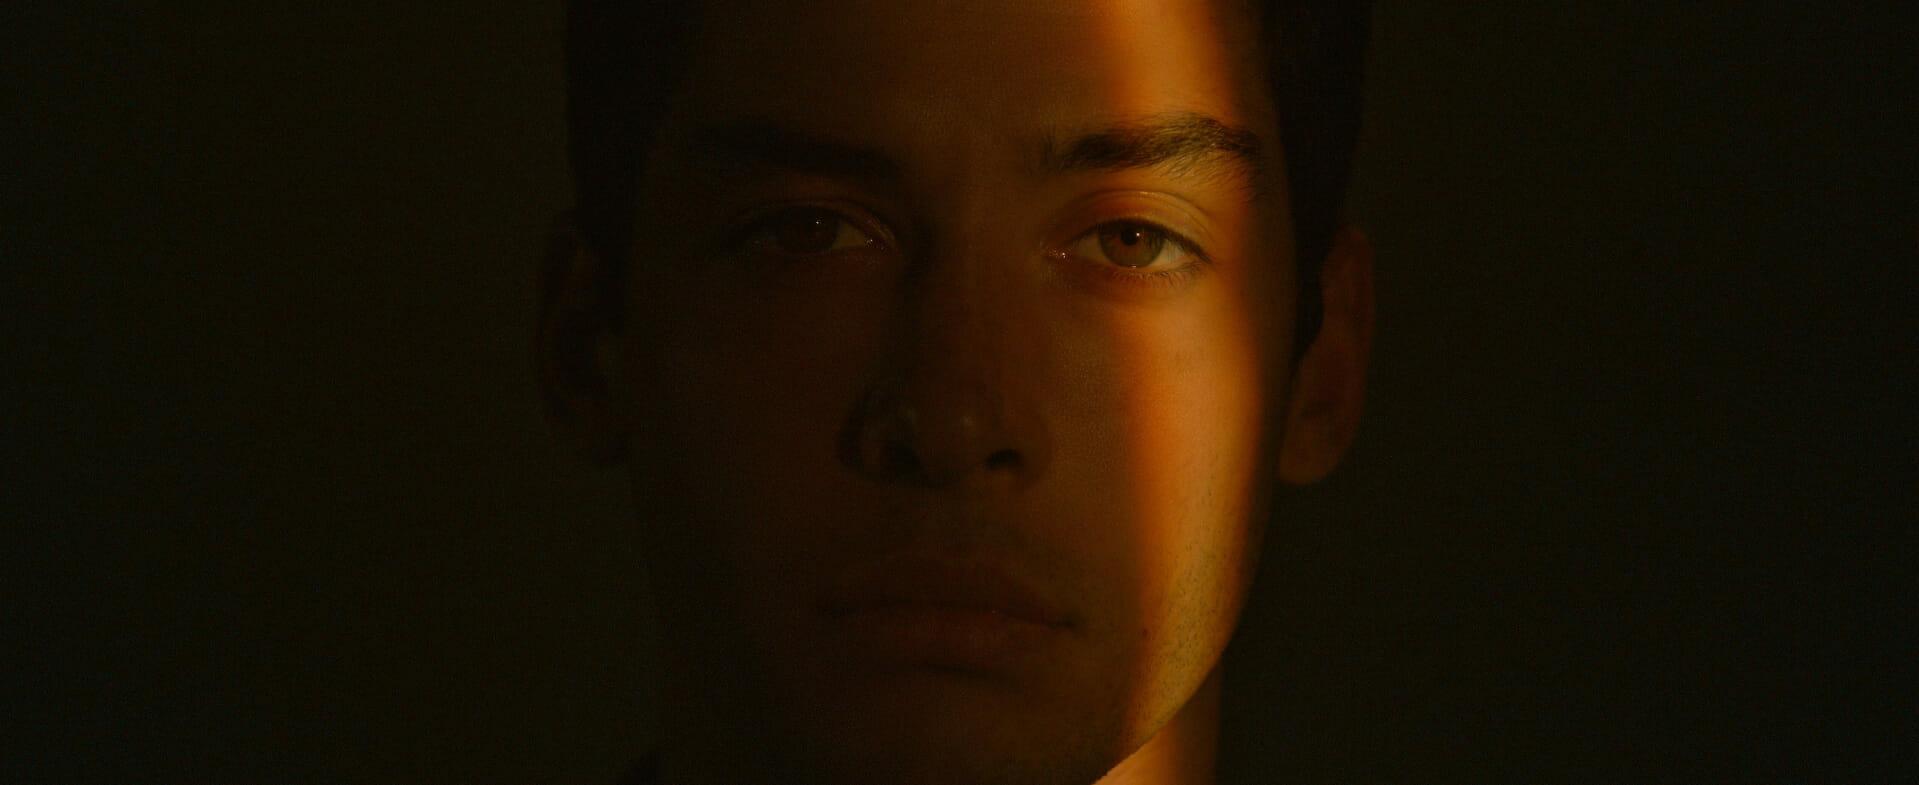 face in light